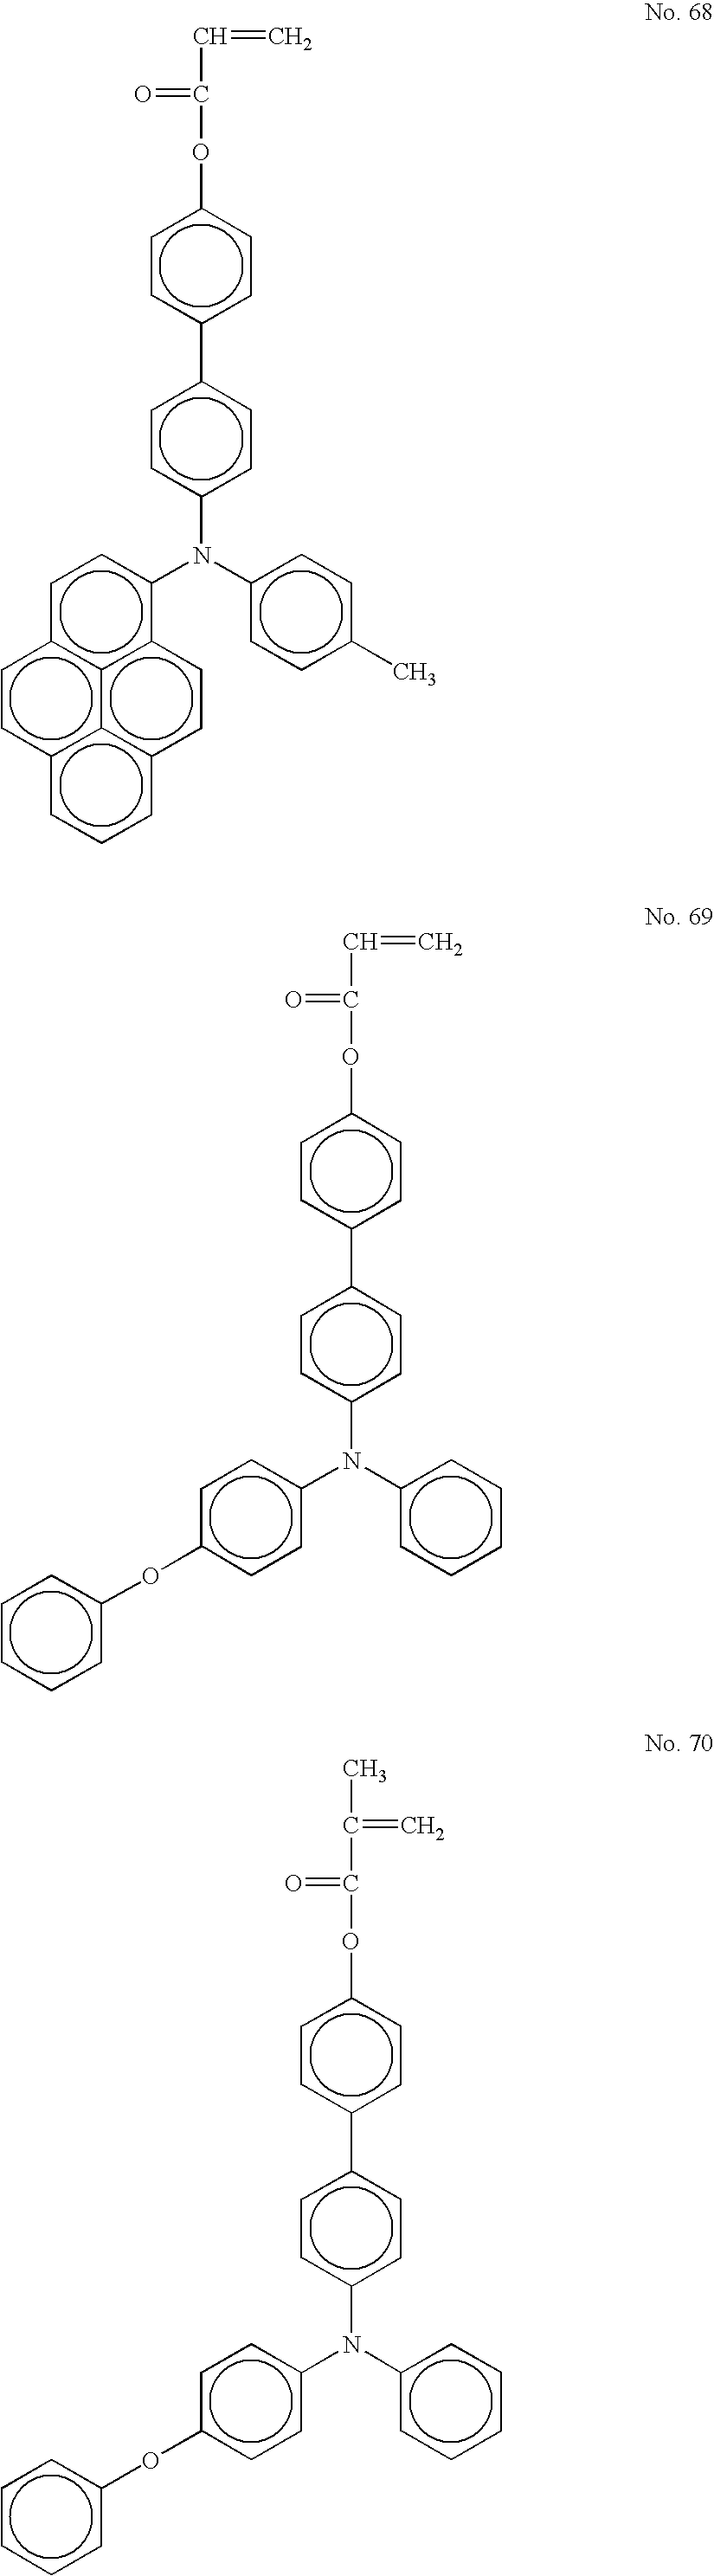 Figure US20060177749A1-20060810-C00039